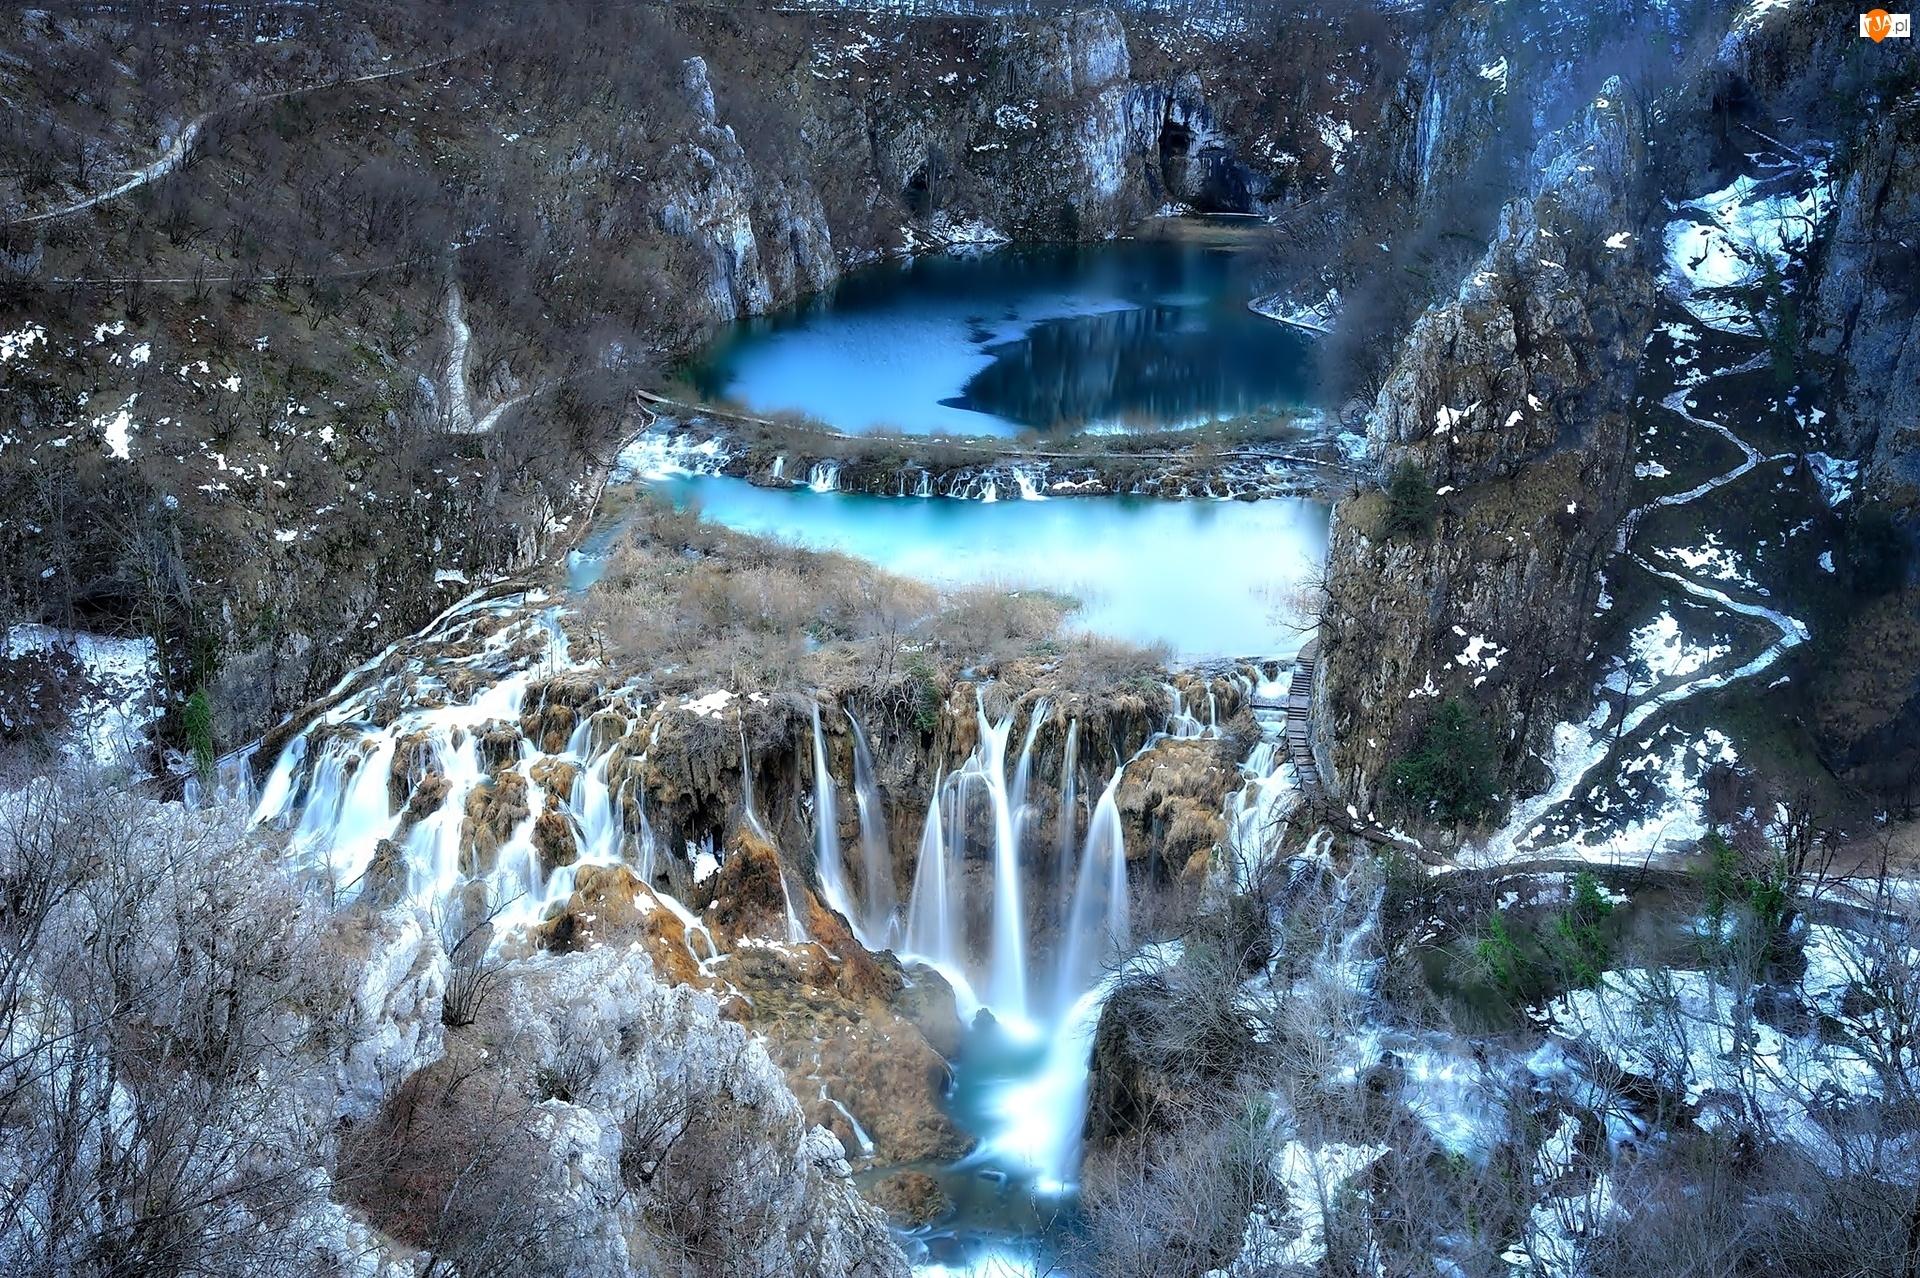 Wodospad, Plitvice, Chorwacja, Z lotu ptaka, Skały, Park Narodowy